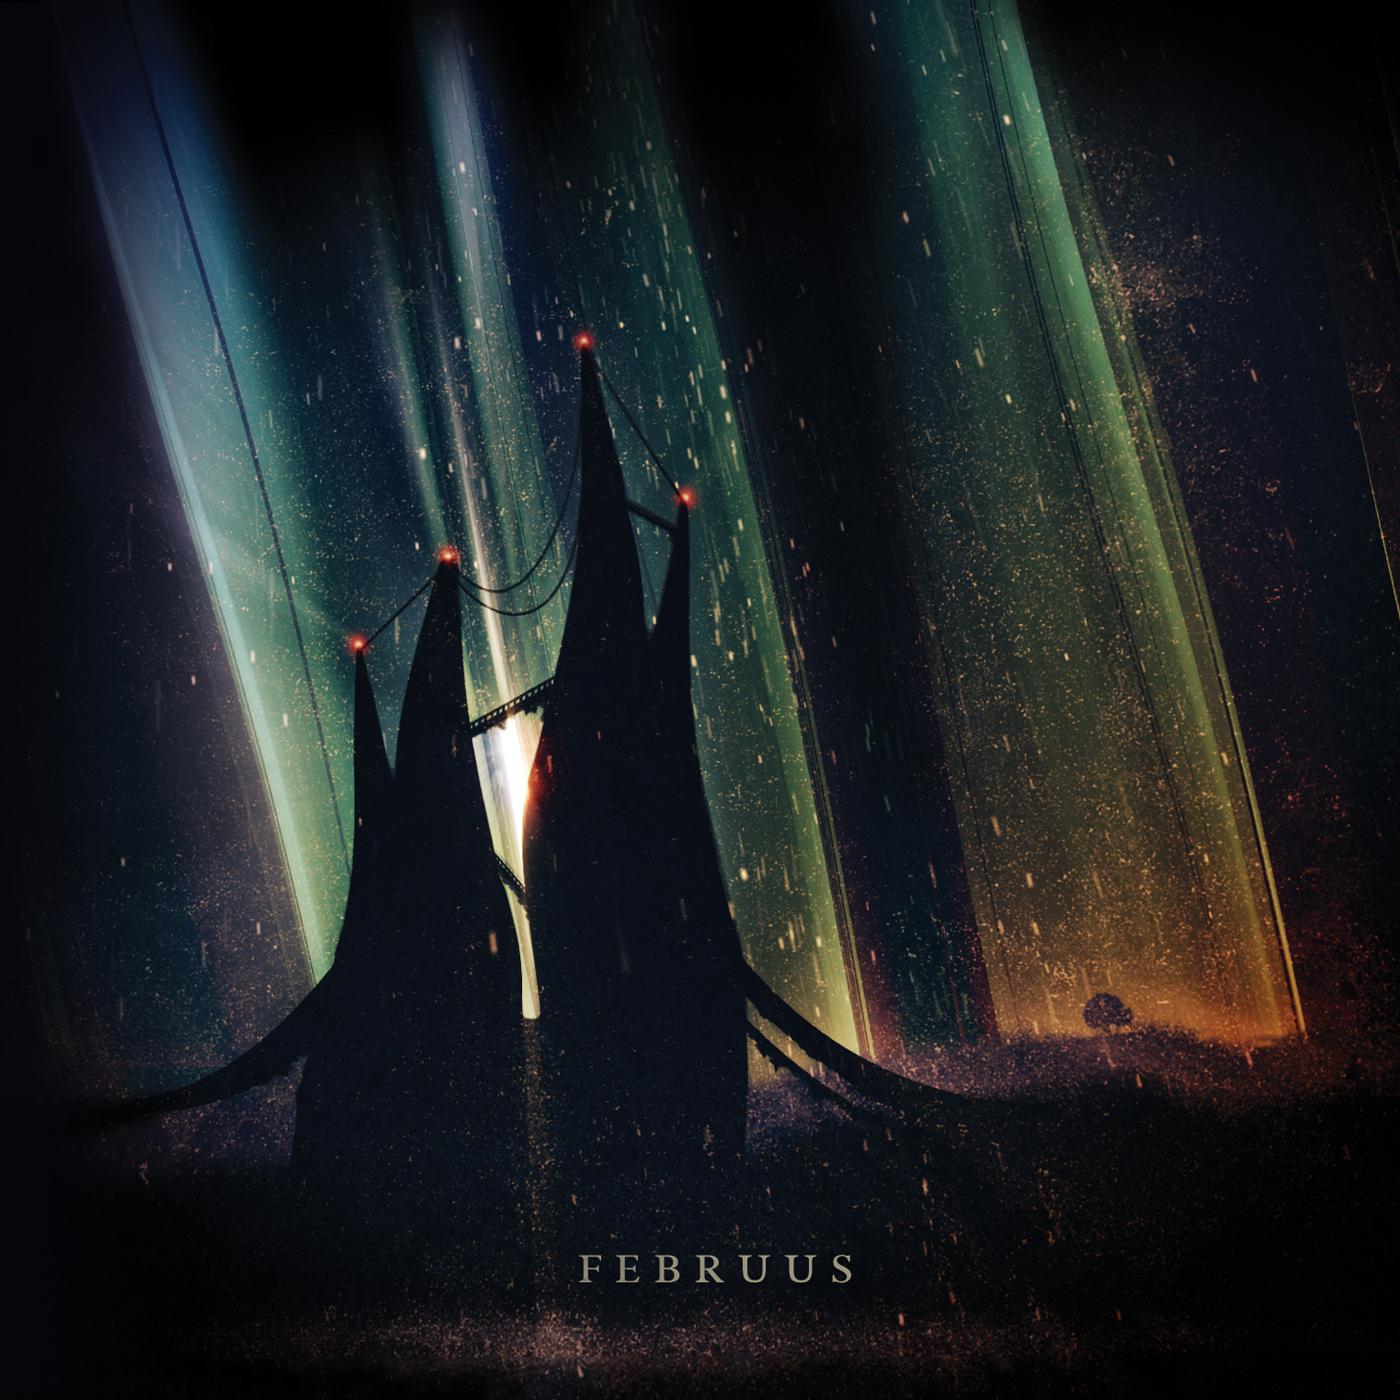 UnevenStructure-Februus-Cover